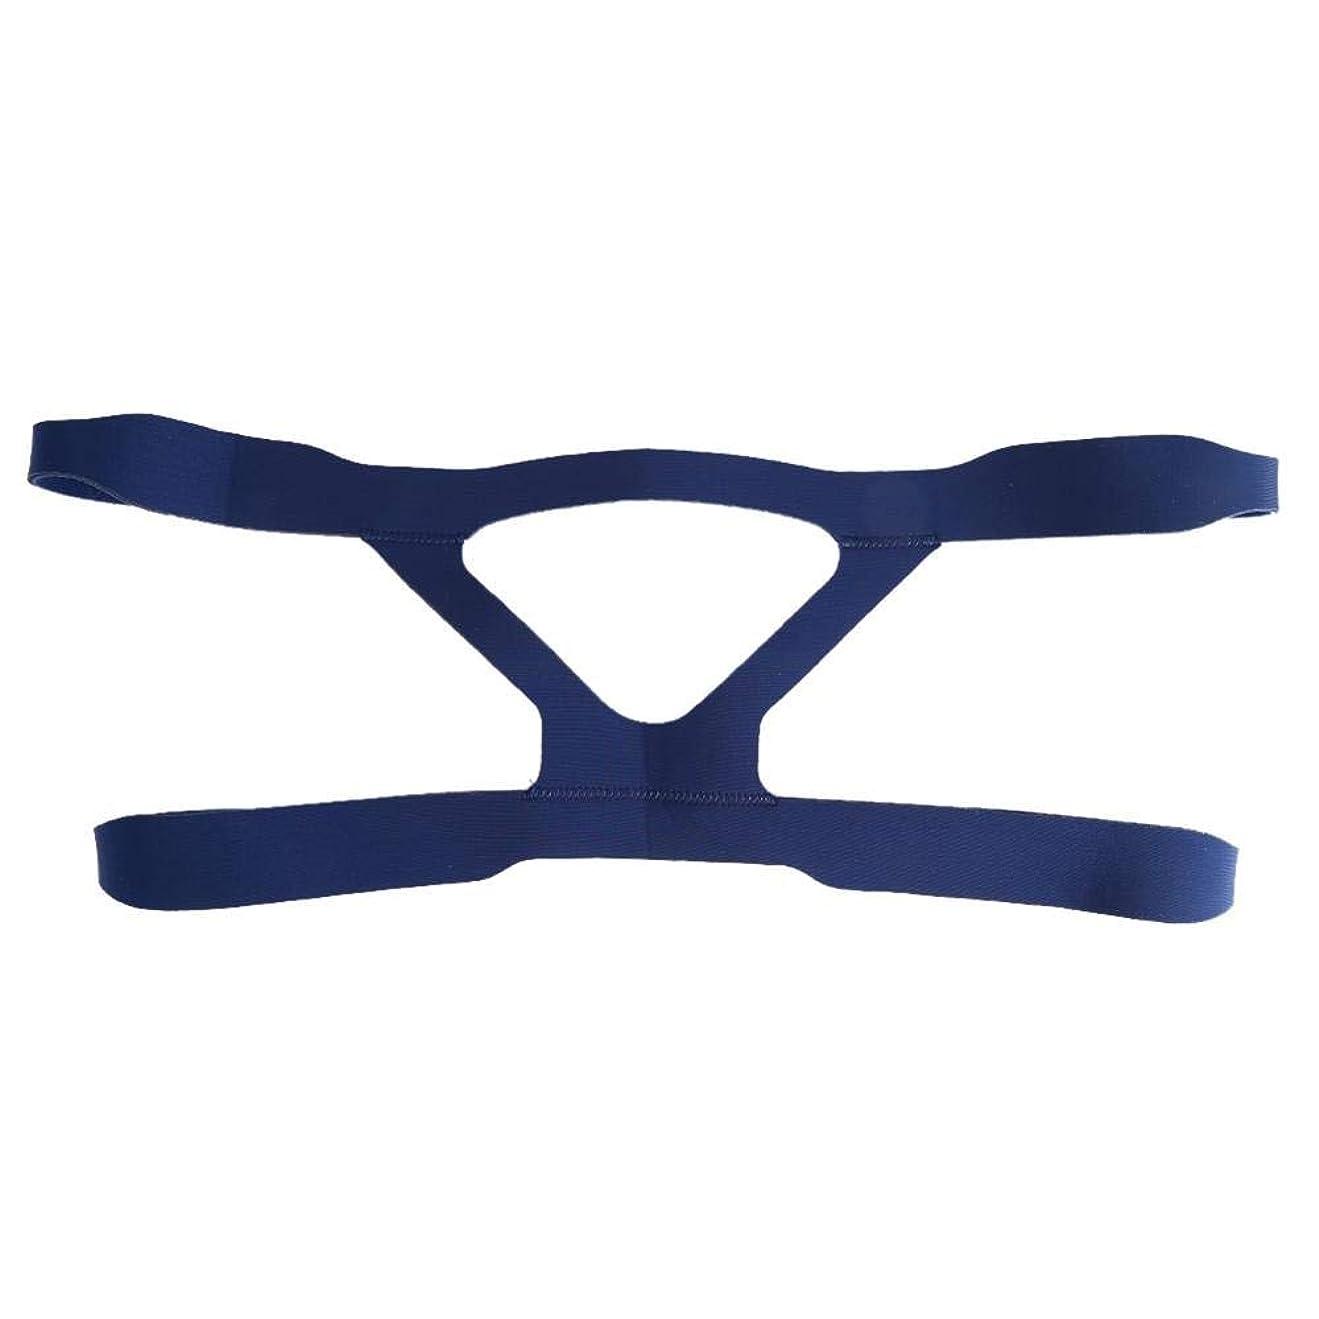 振動する検索晴れNOTE ユニバーサルマスクヘッドギア交換4ポイントヘッドバンド医療人工呼吸器鼻マスクヘッドバンド用睡眠時無呼吸いびきCPAP機